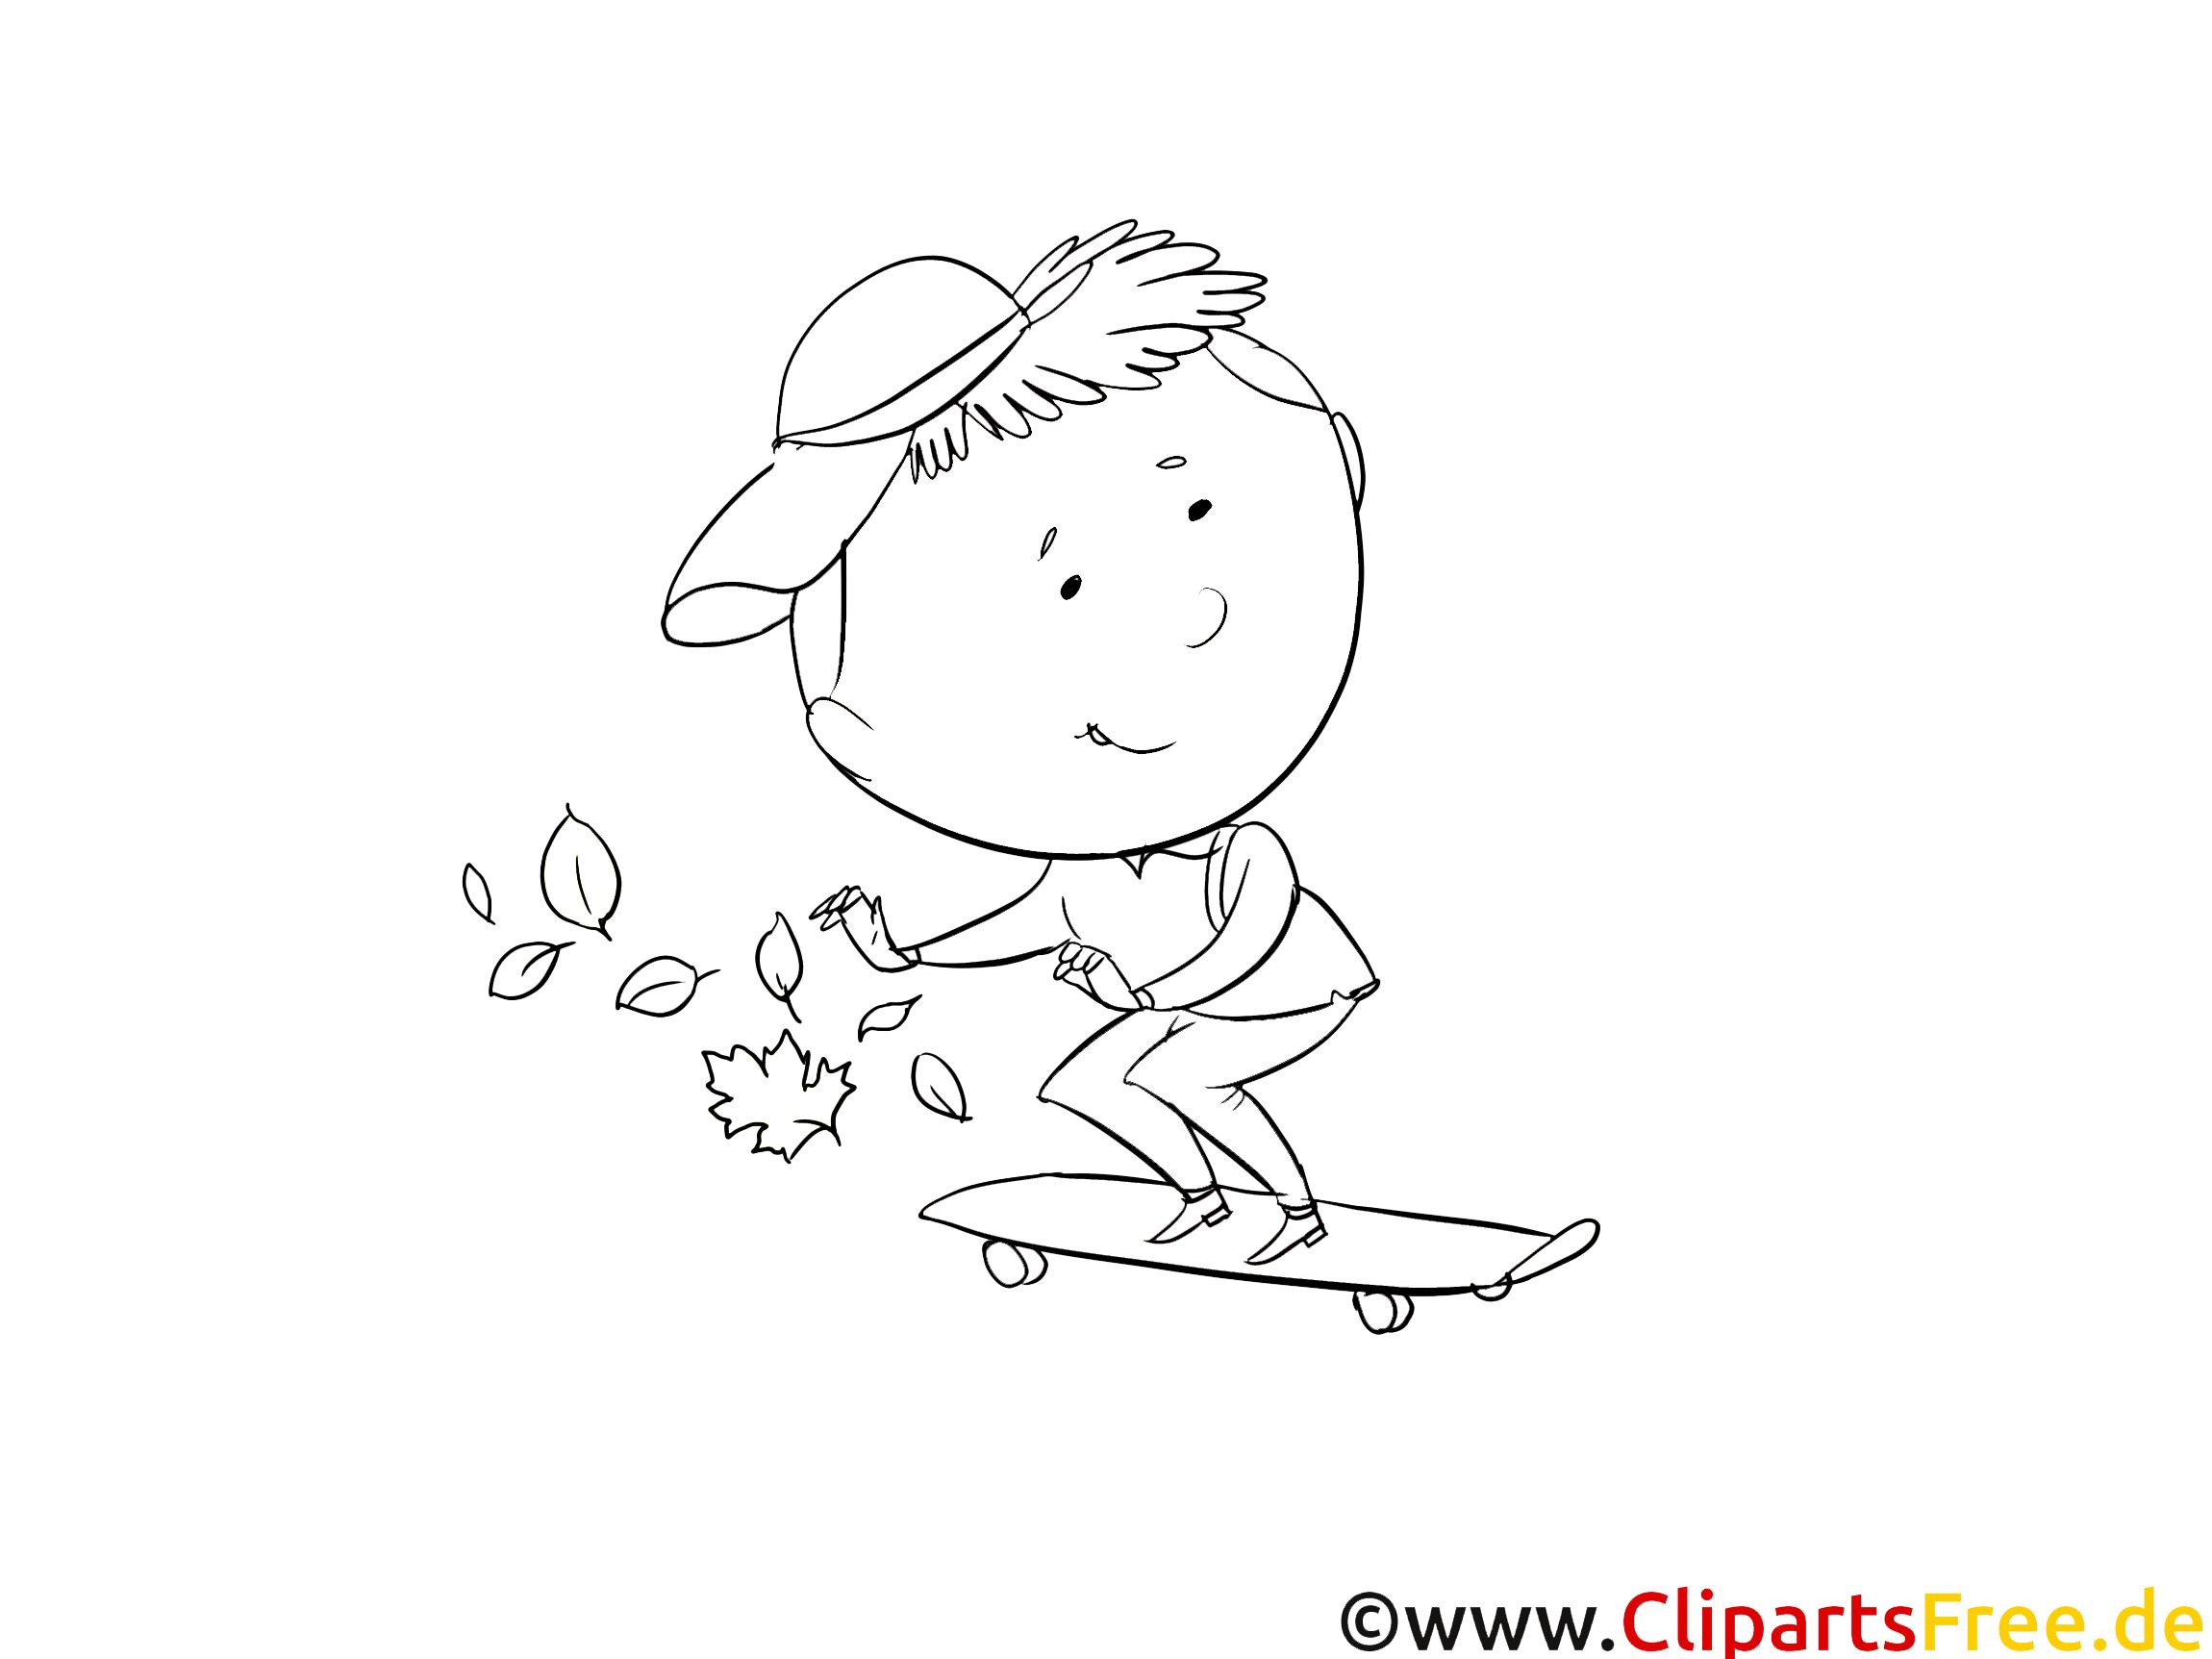 Planche à roulettes clipart – Maternelle dessins à colorier